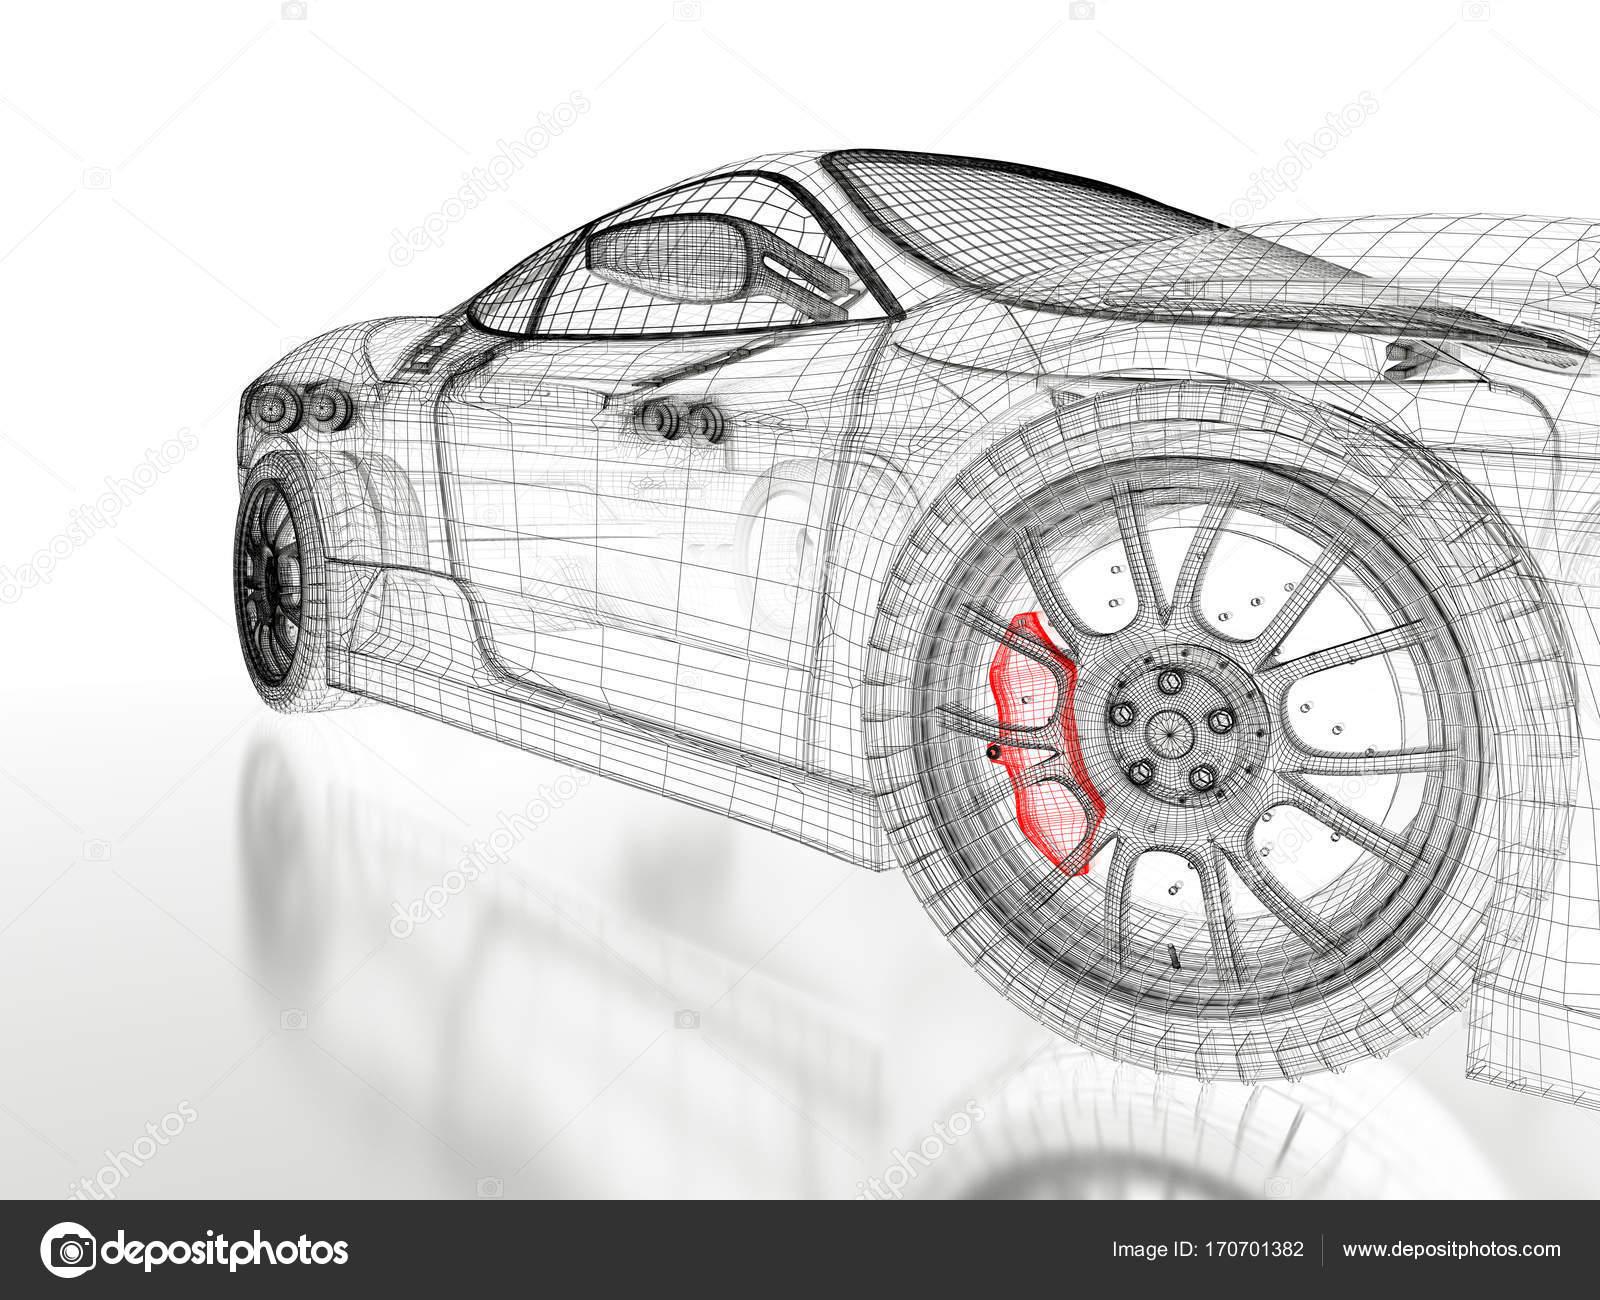 3D Auto-Netz auf einem schwarzen — Stockfoto © Shtanzman #170701382